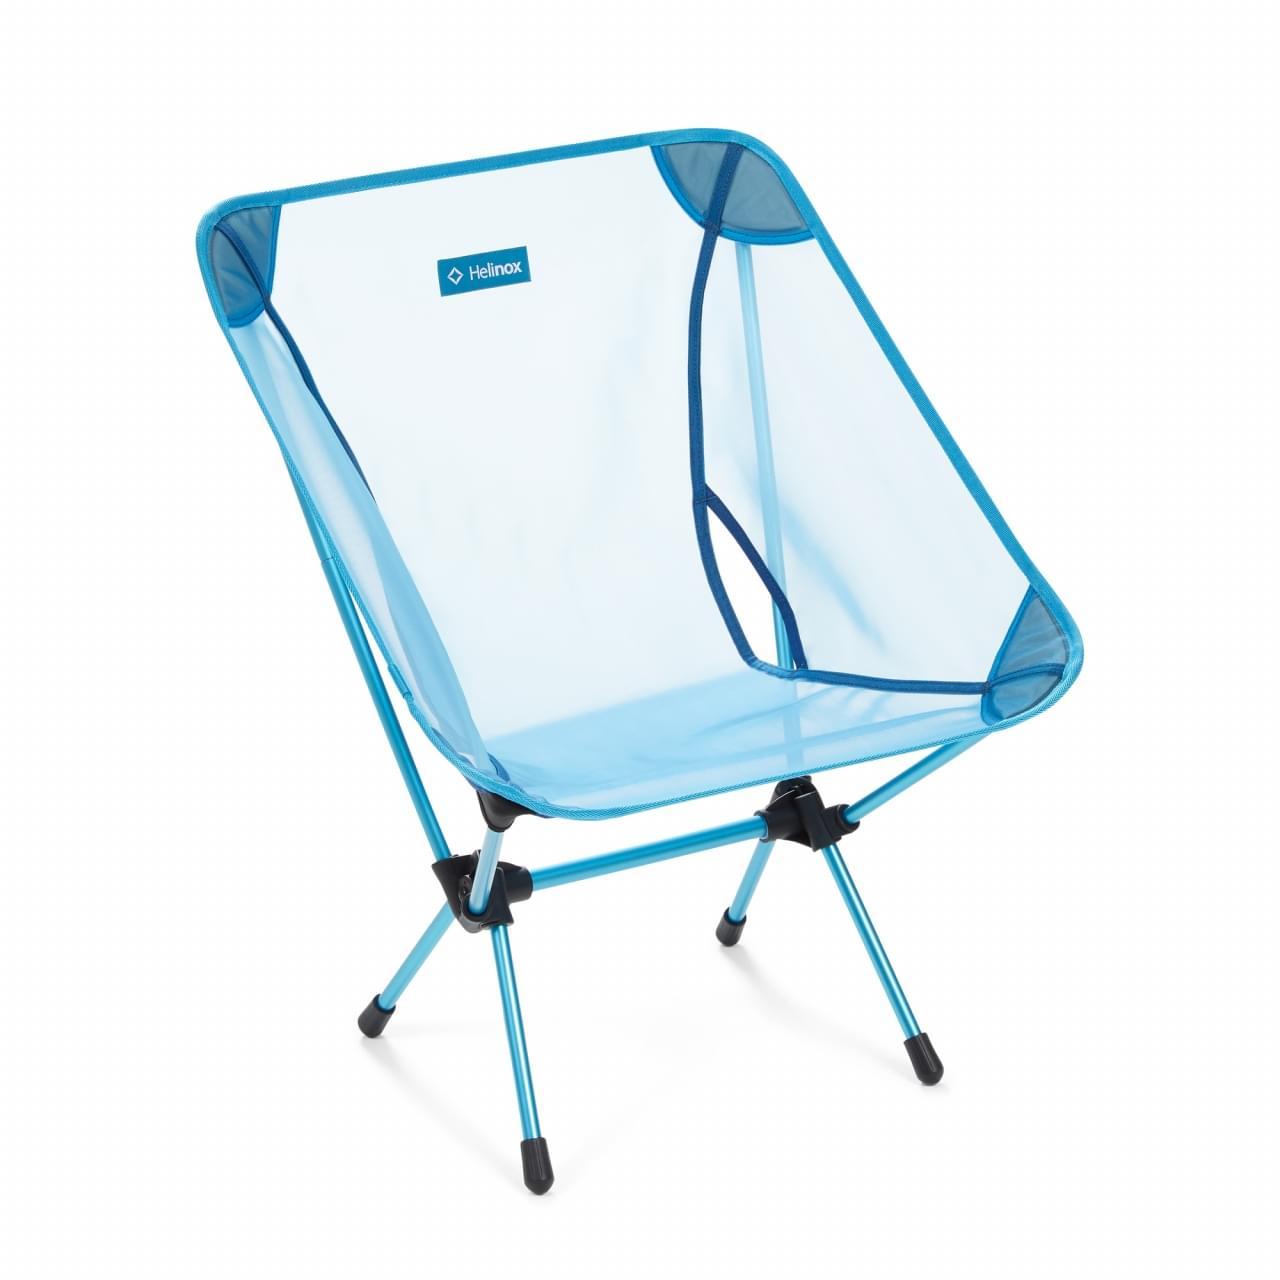 Helinox Chair One Mesh Lichtgewicht Stoel - Blauw